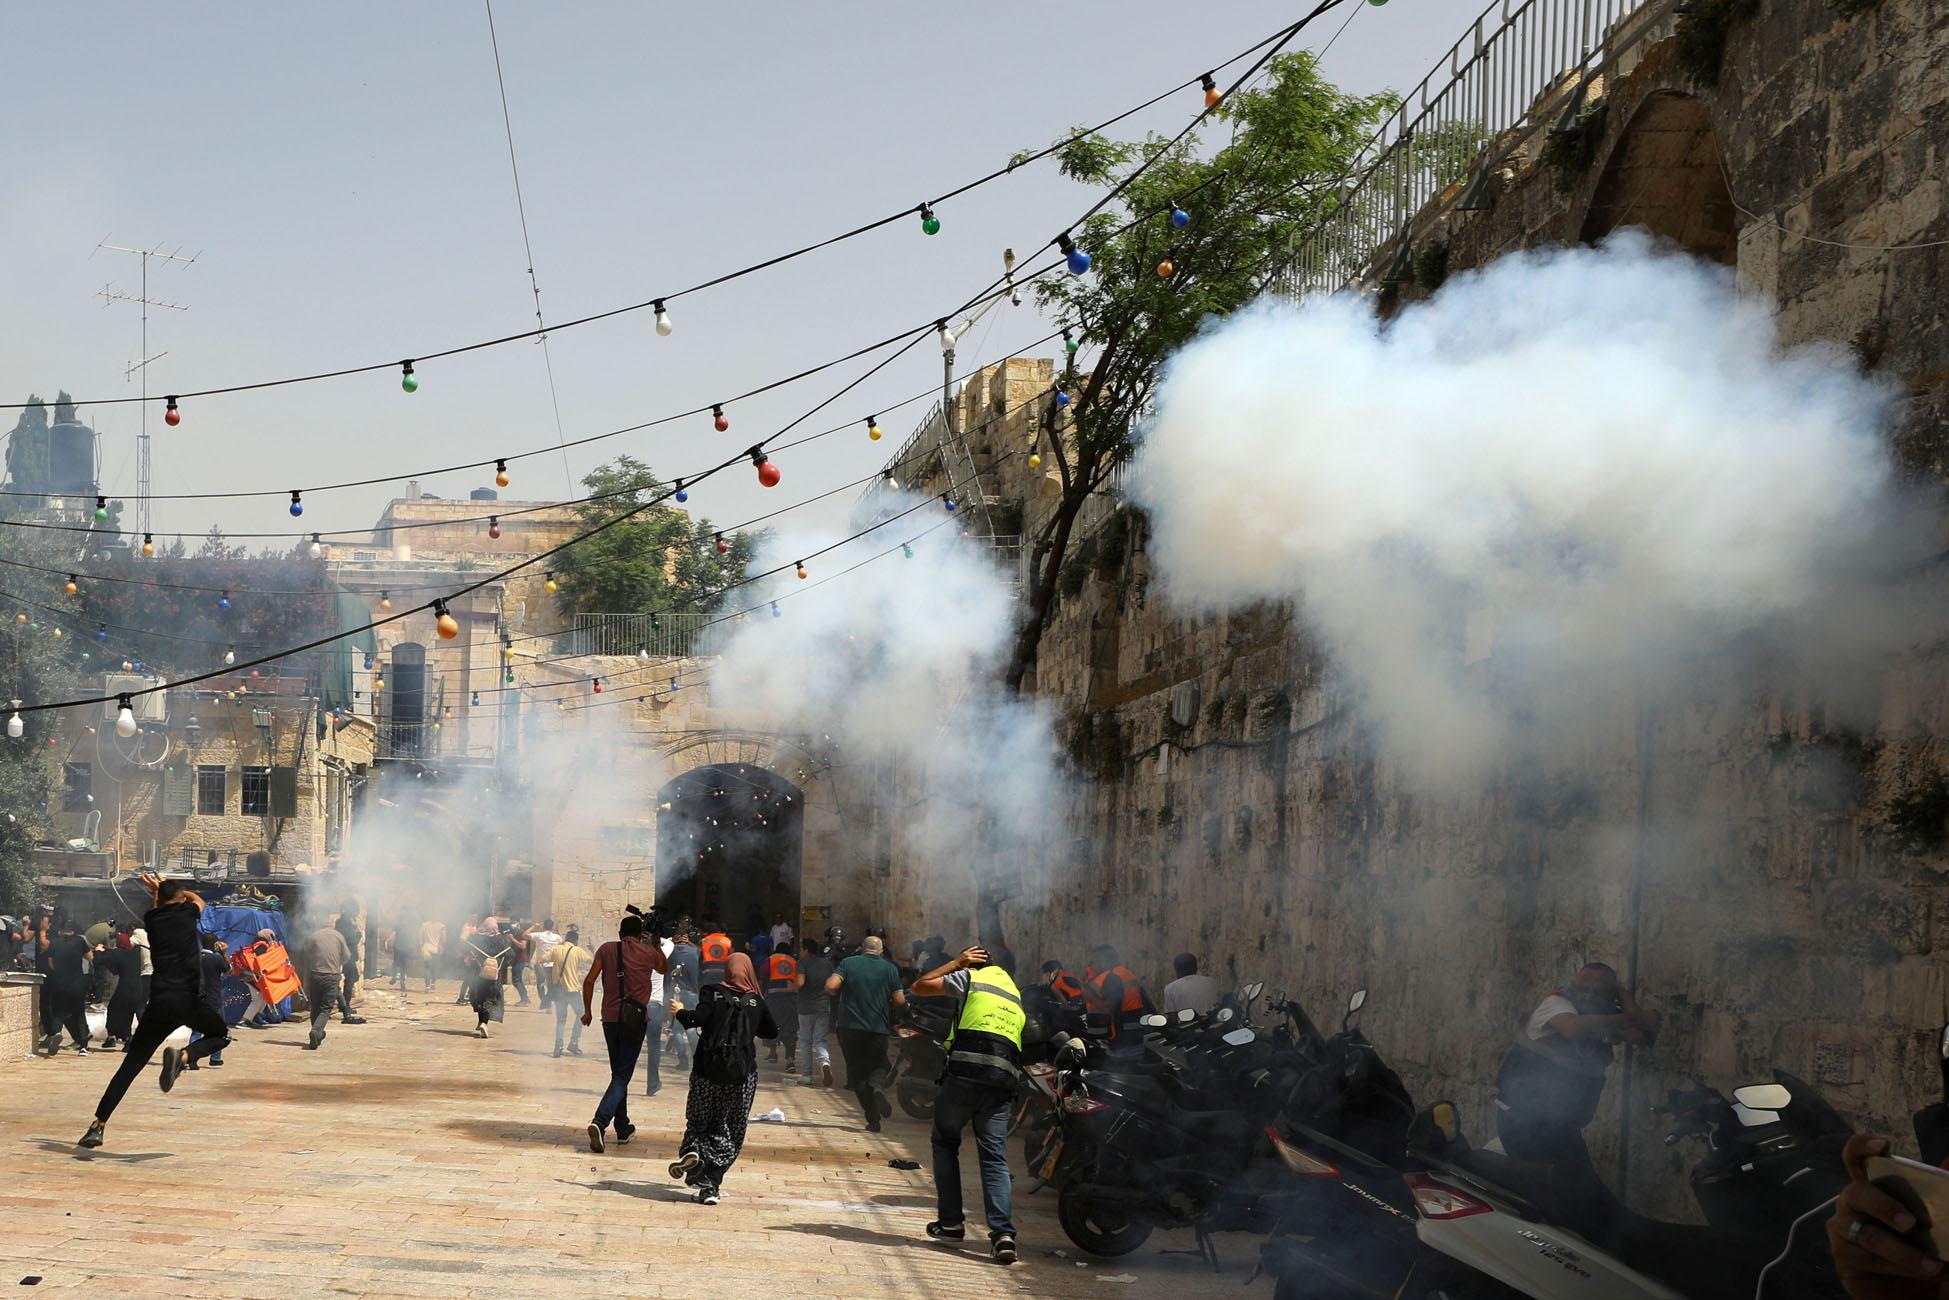 Ισραήλ: Εκτός ελέγχου η κατάσταση στην Ιερουσαλήμ – Πάνω από 300 τραυματίες